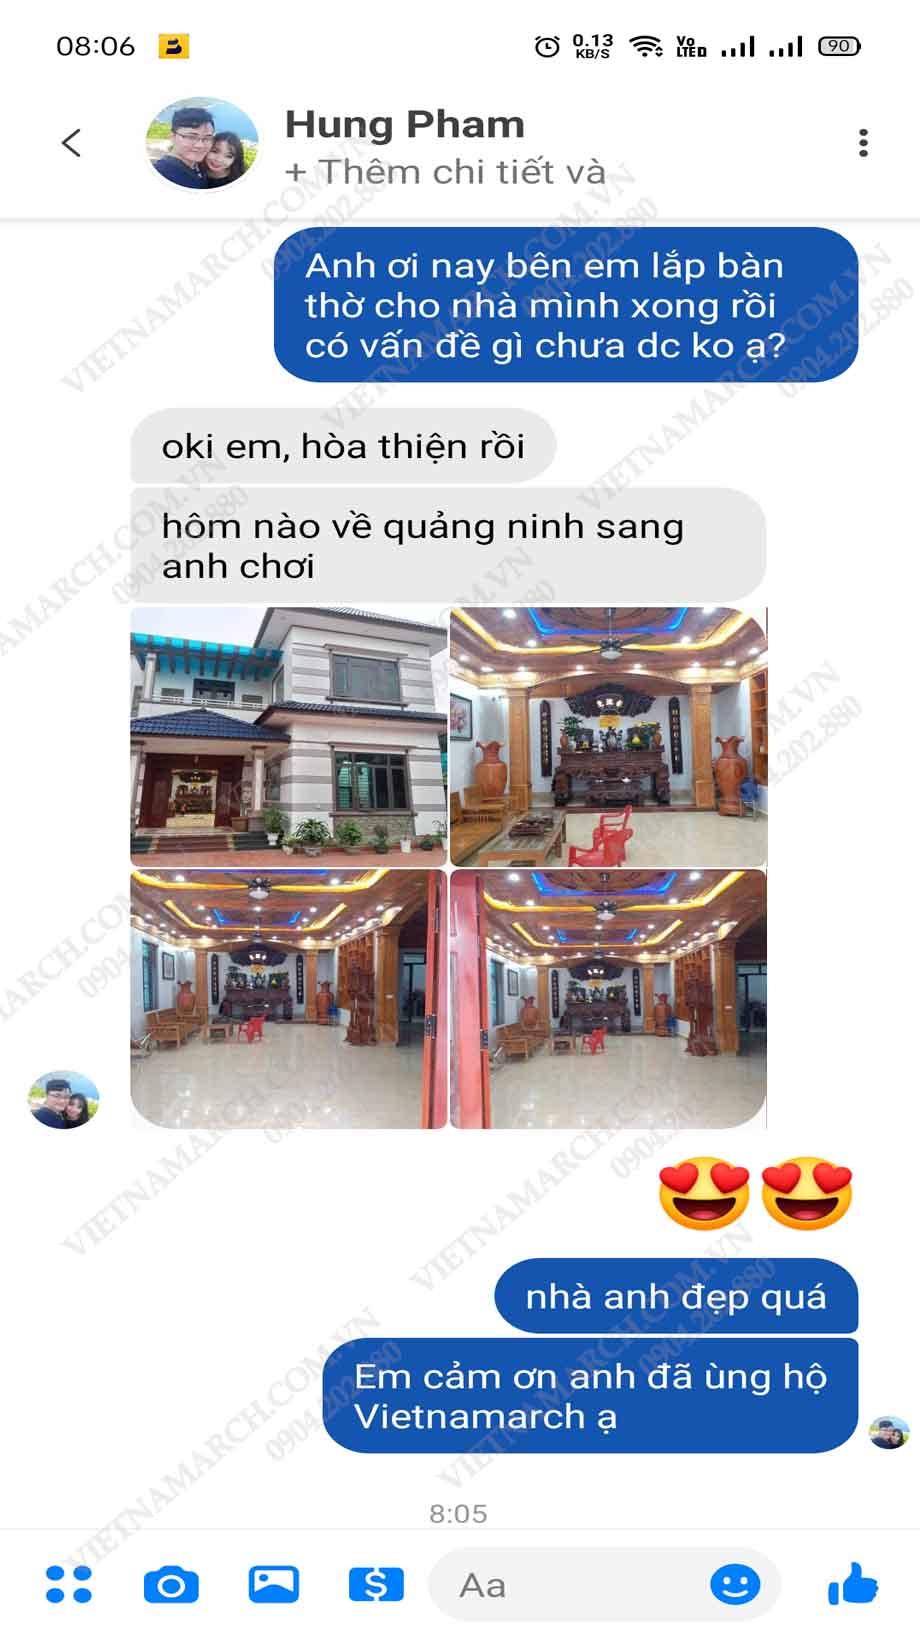 Feedback của anh Hưng khi mua án gian tại Vietnamarch cho căn biệt thự gia đình ở Quảng Ninh